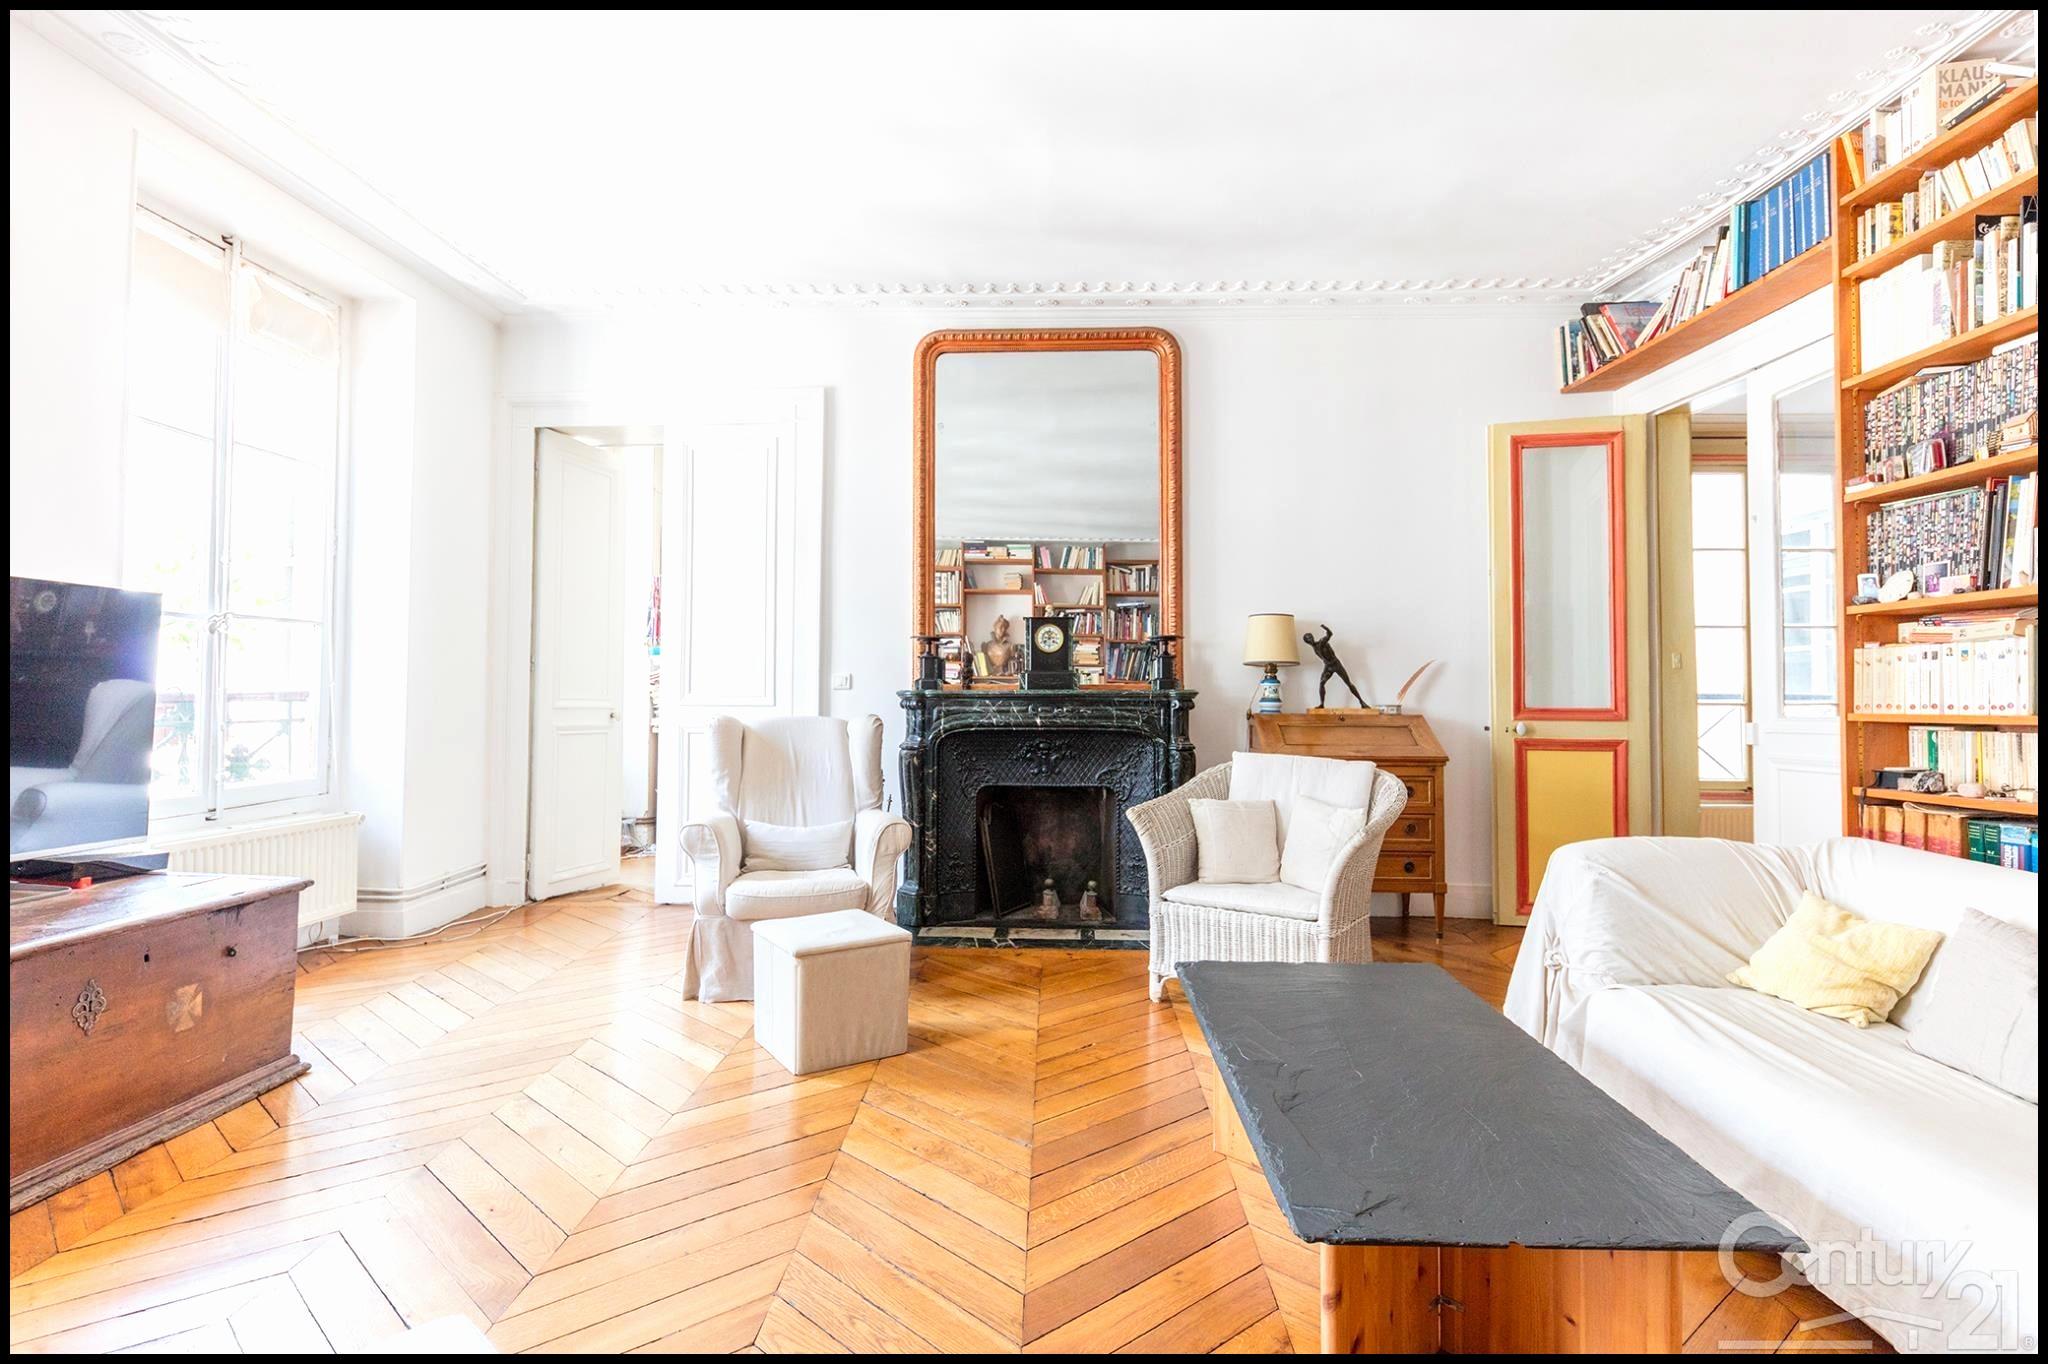 Location Maison Angers Le Bon Coin Ventana Blog Encequiconcerne Location Appartement Meuble Rennes Le Bon Coin Agencecormierdelauniere Com Agencecormierdelauniere Com